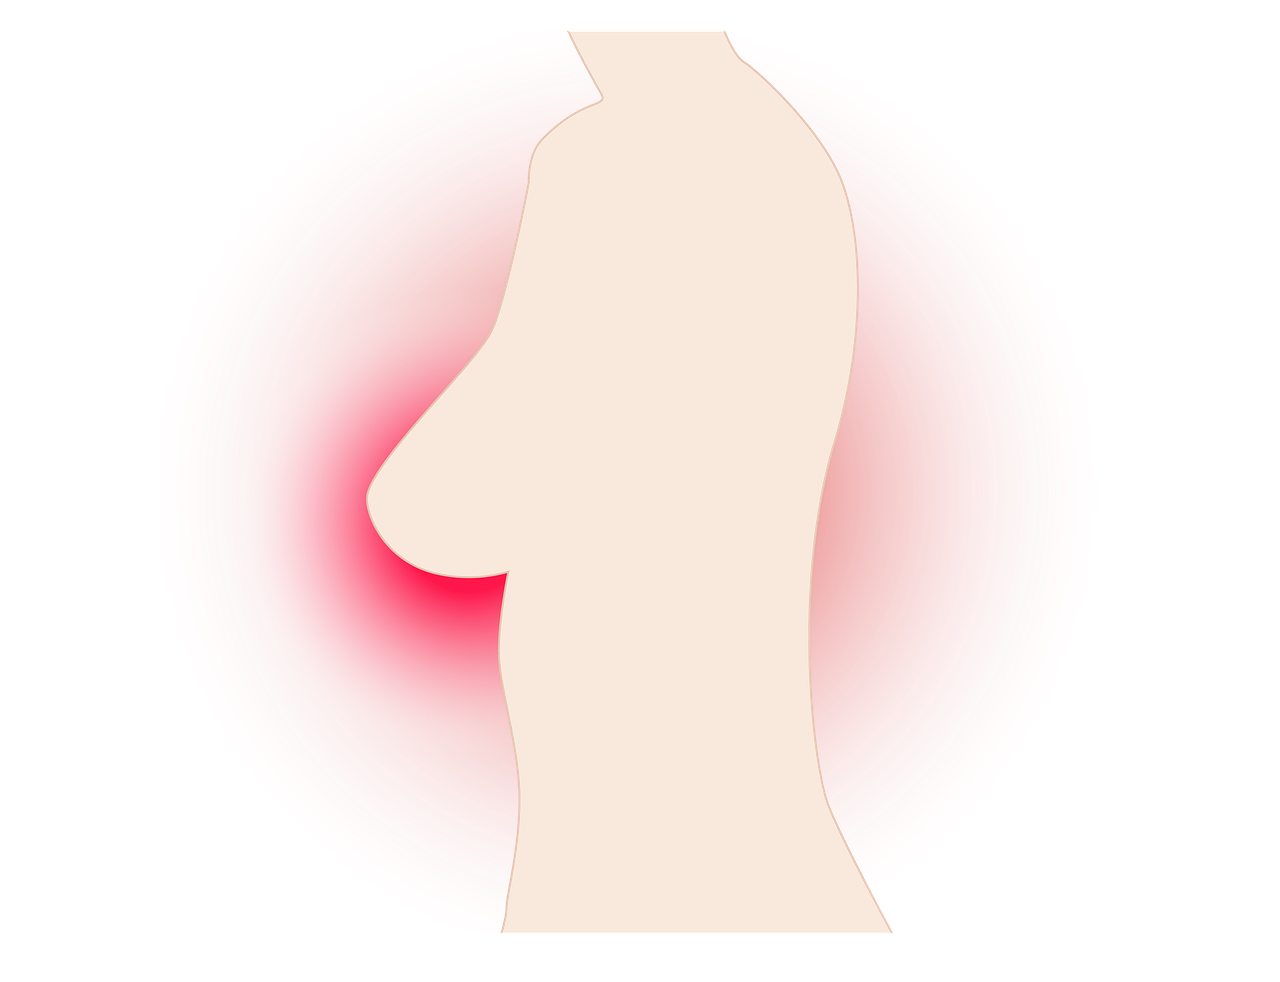 乳がんの検査で造影CTは必要なのか?